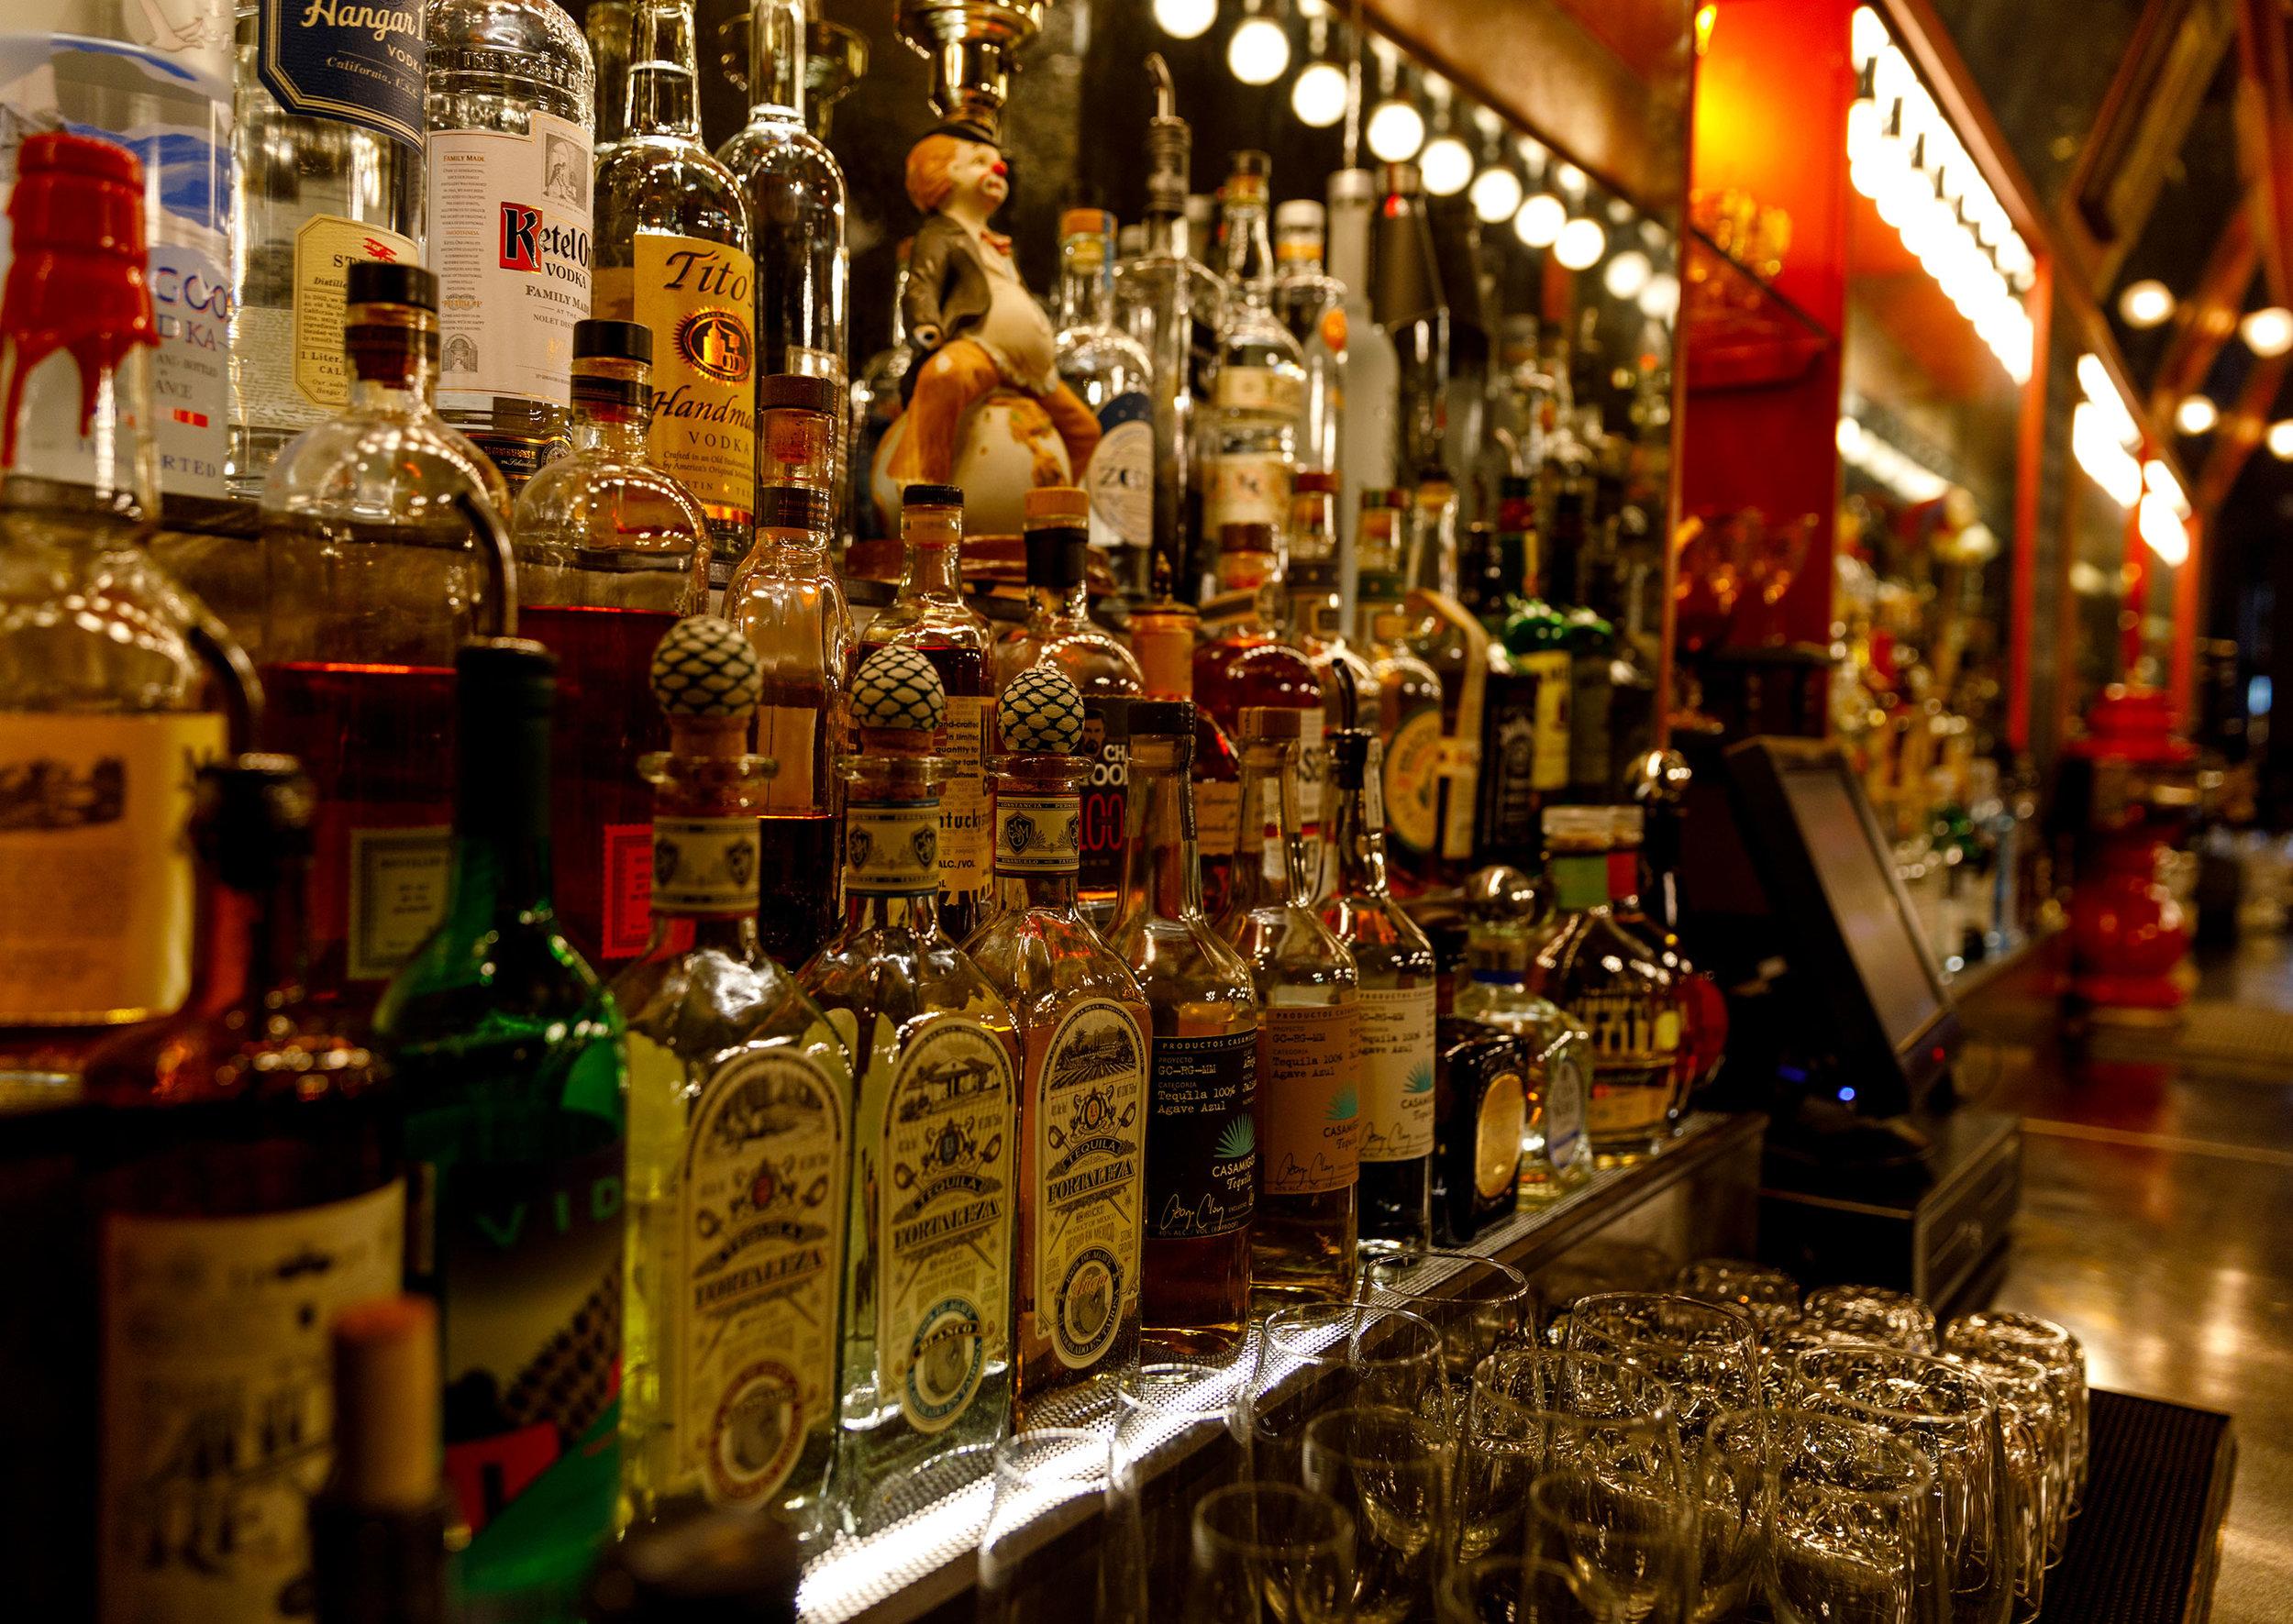 Topsy's Bar Close-Up